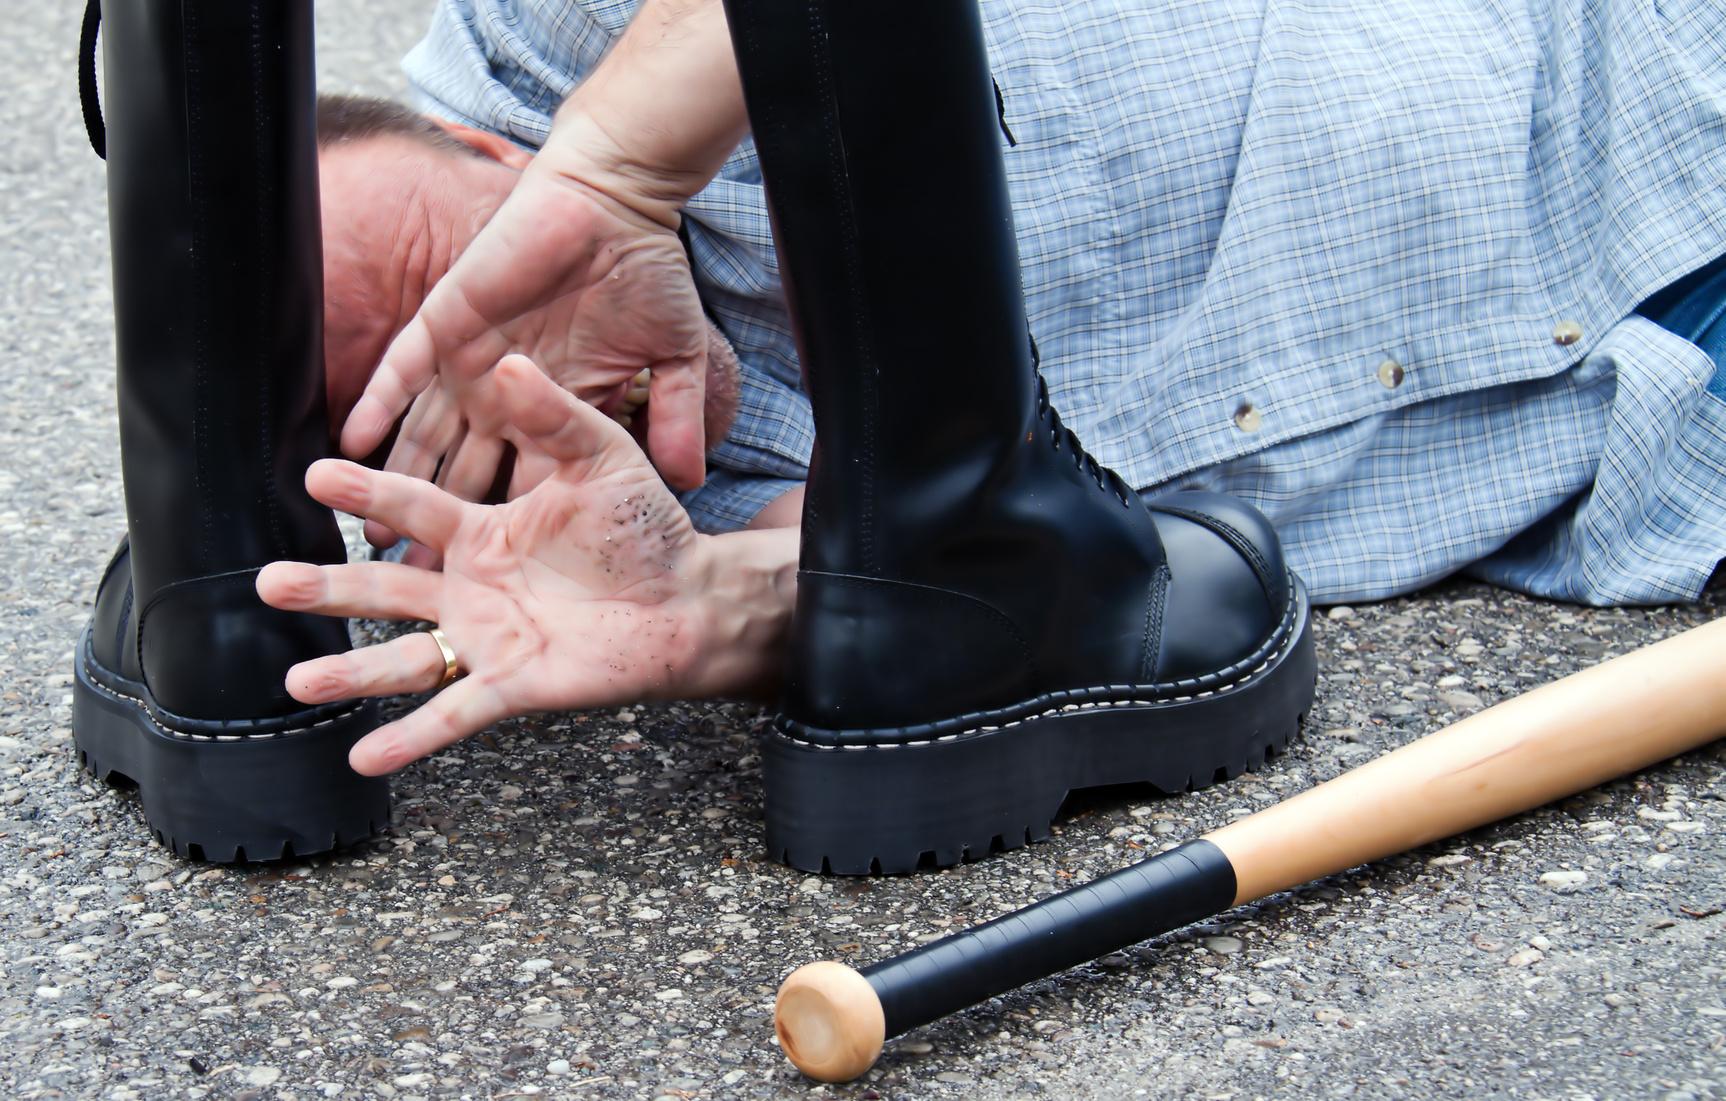 SPD-Fraktion fordert Anti-Gewalt-Gipfel zu ausländerfeindlichen Übergriffen